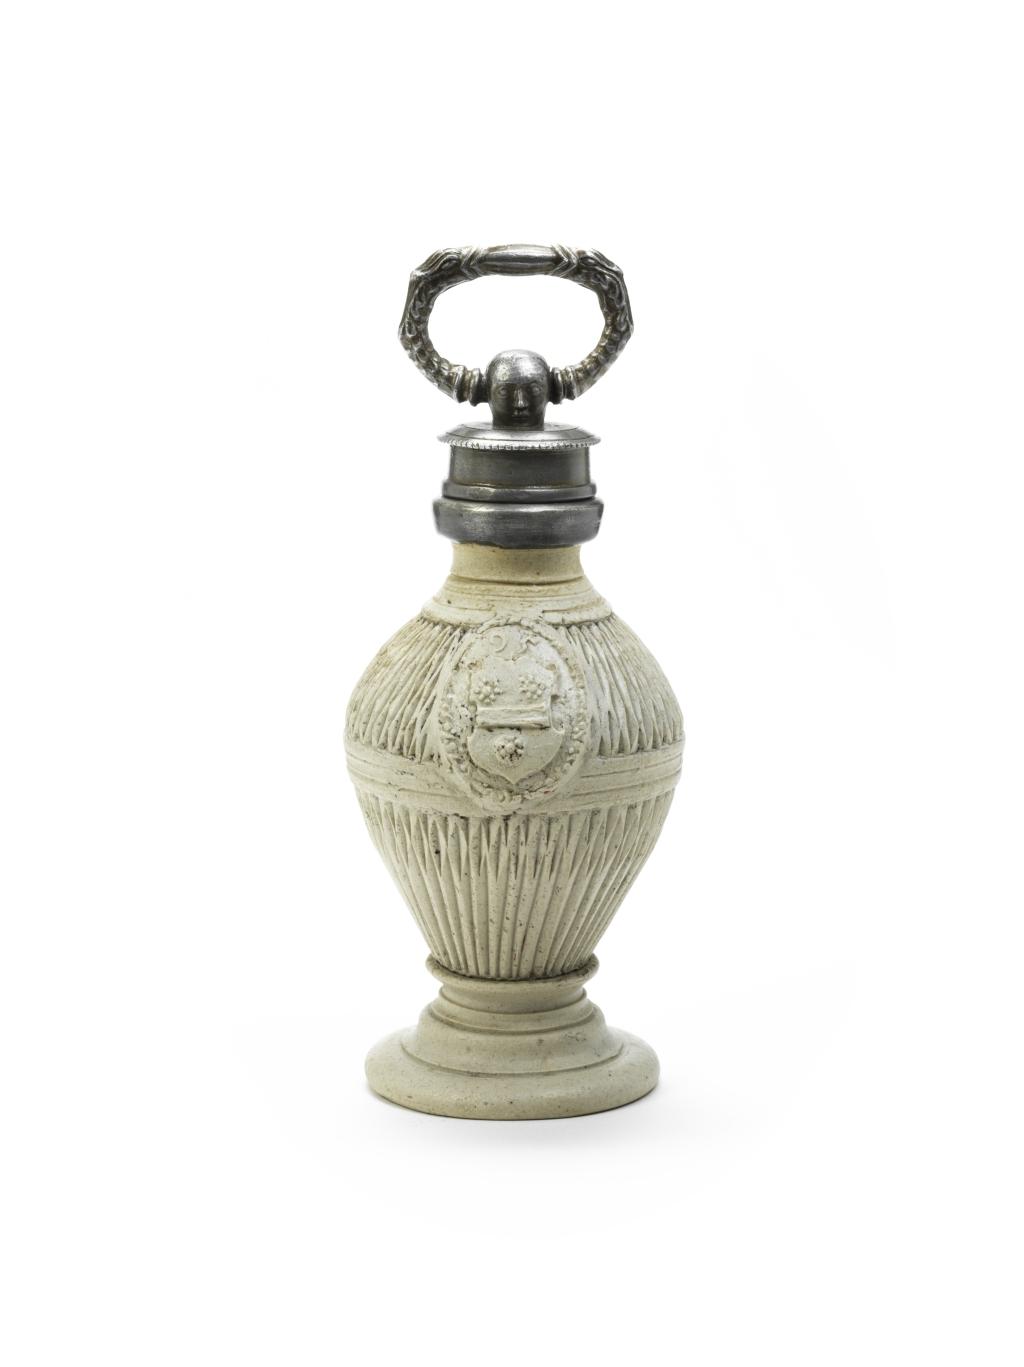 Salt Glazed Stoneware Siegburger Steinzeug Flasche 1595 datiert